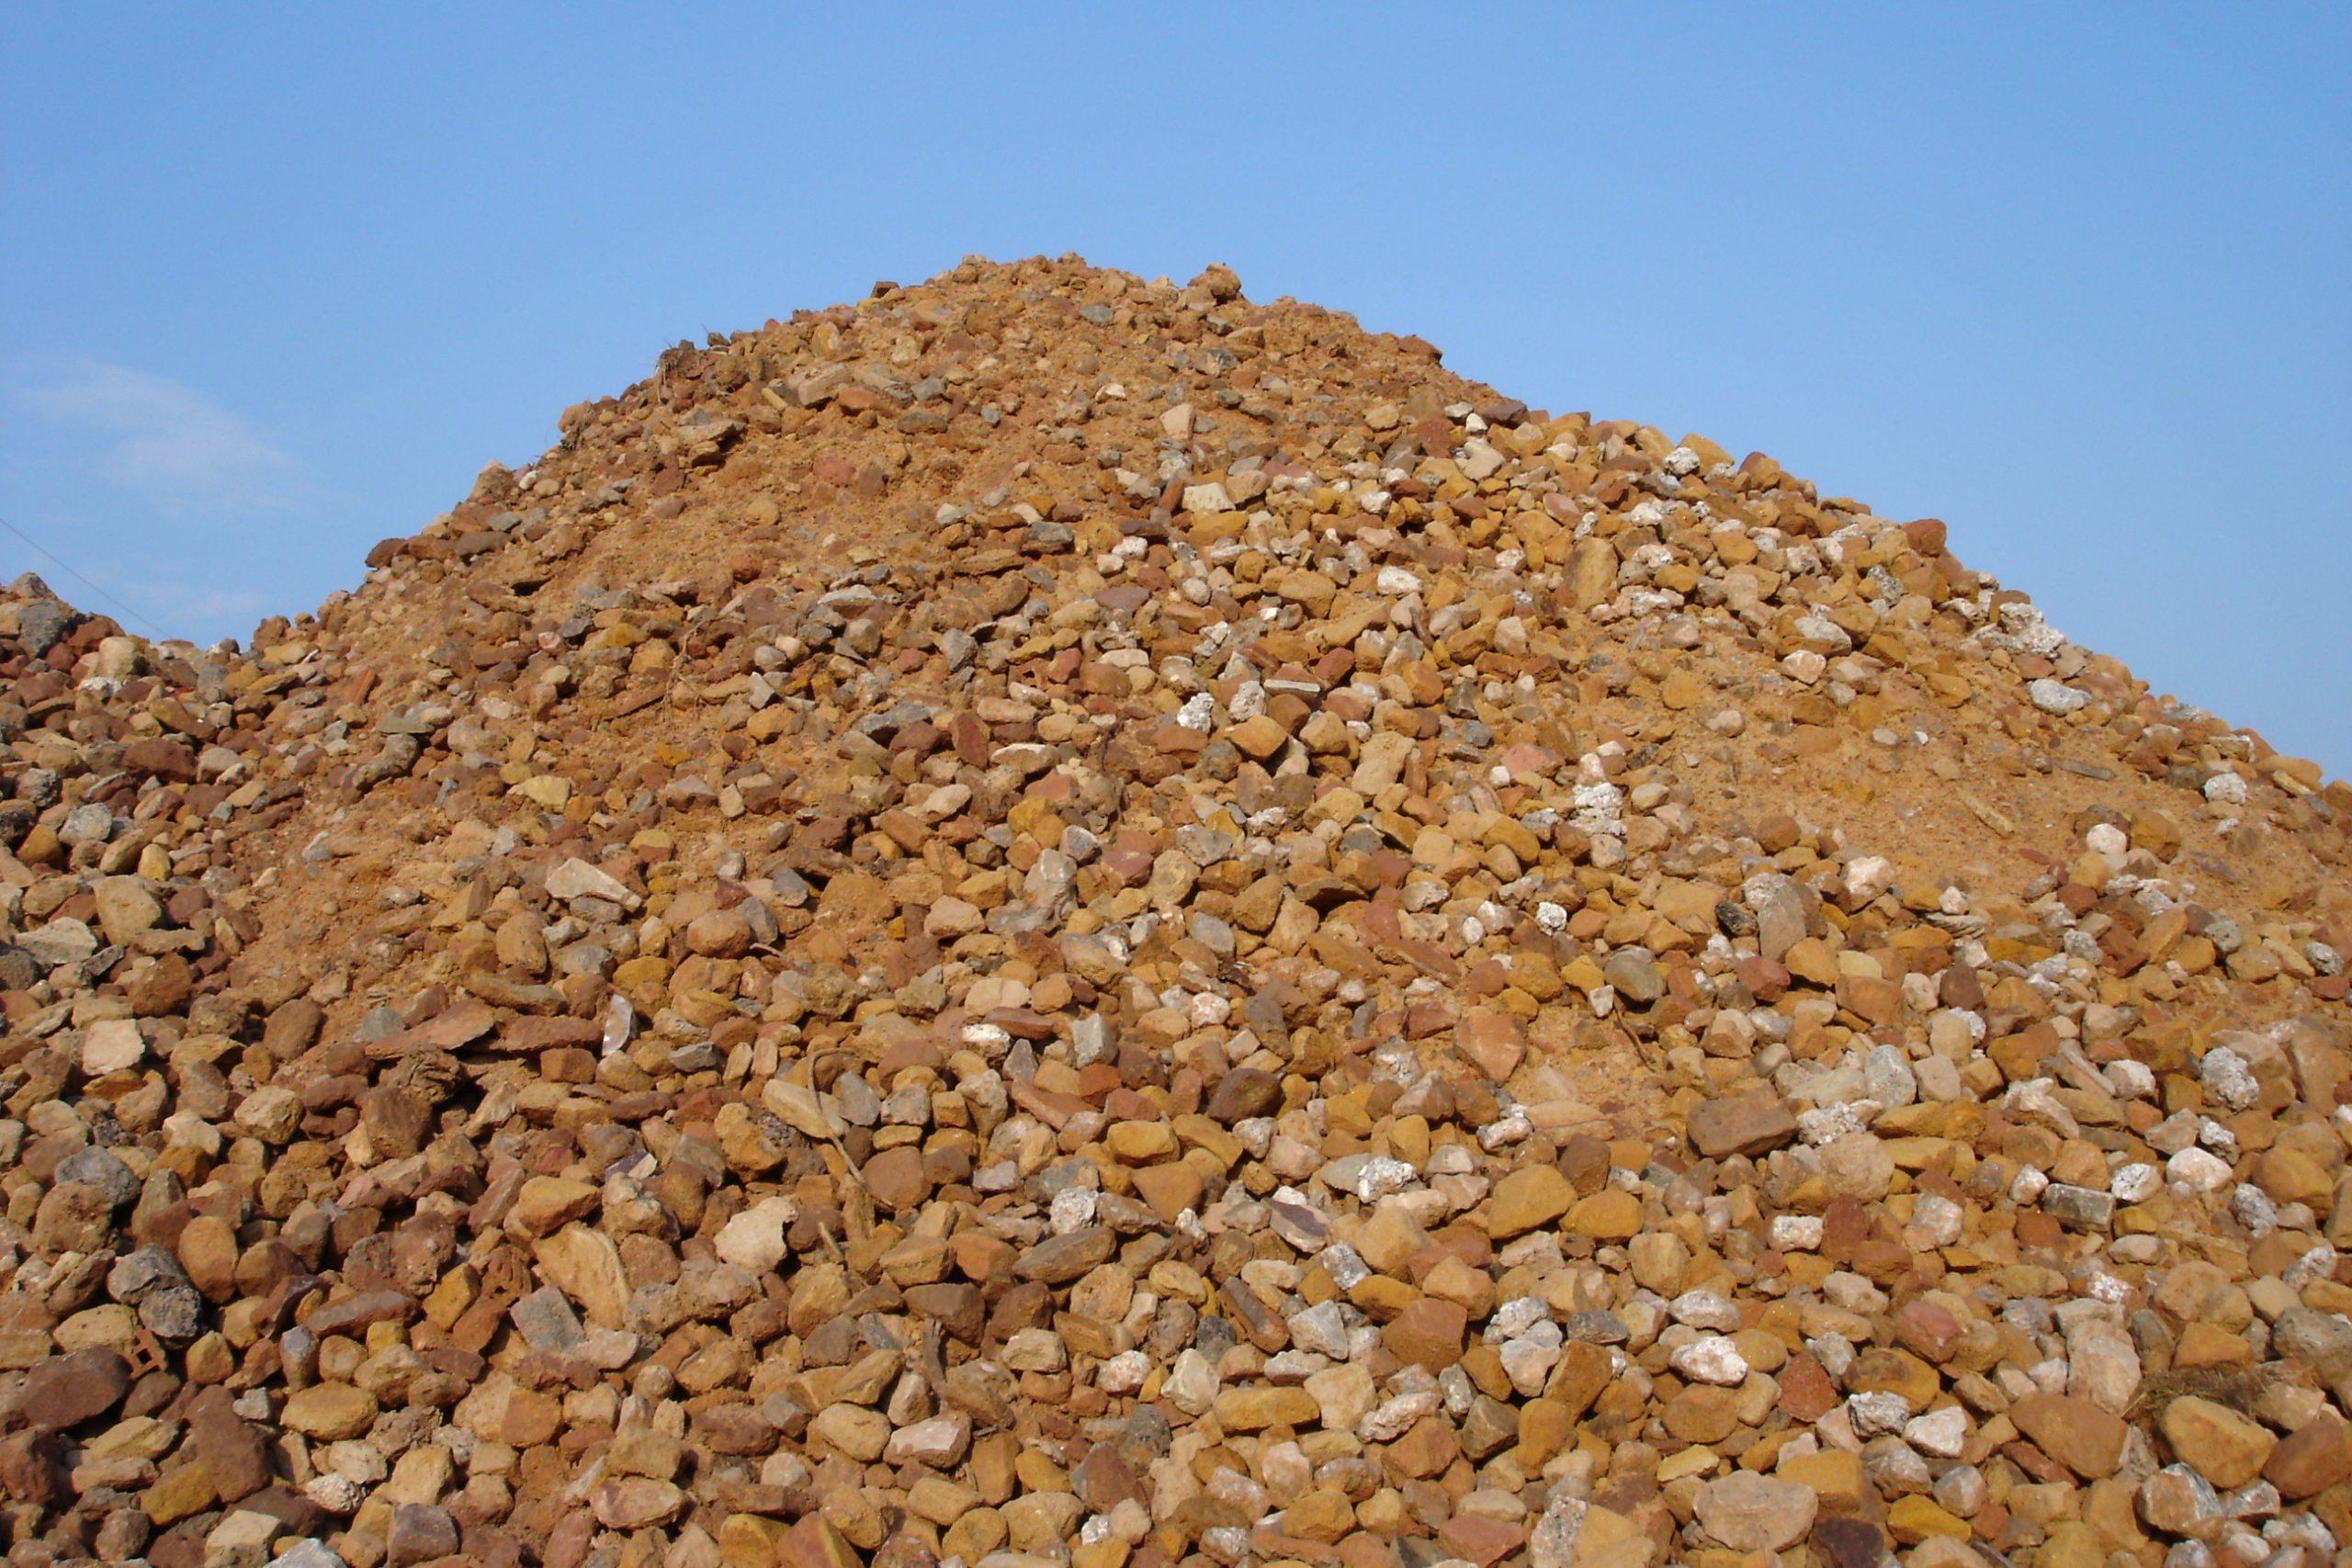 Lieferung von Schüttgut, Sand, Erde, Kompost für Ihr Bauvorhaben